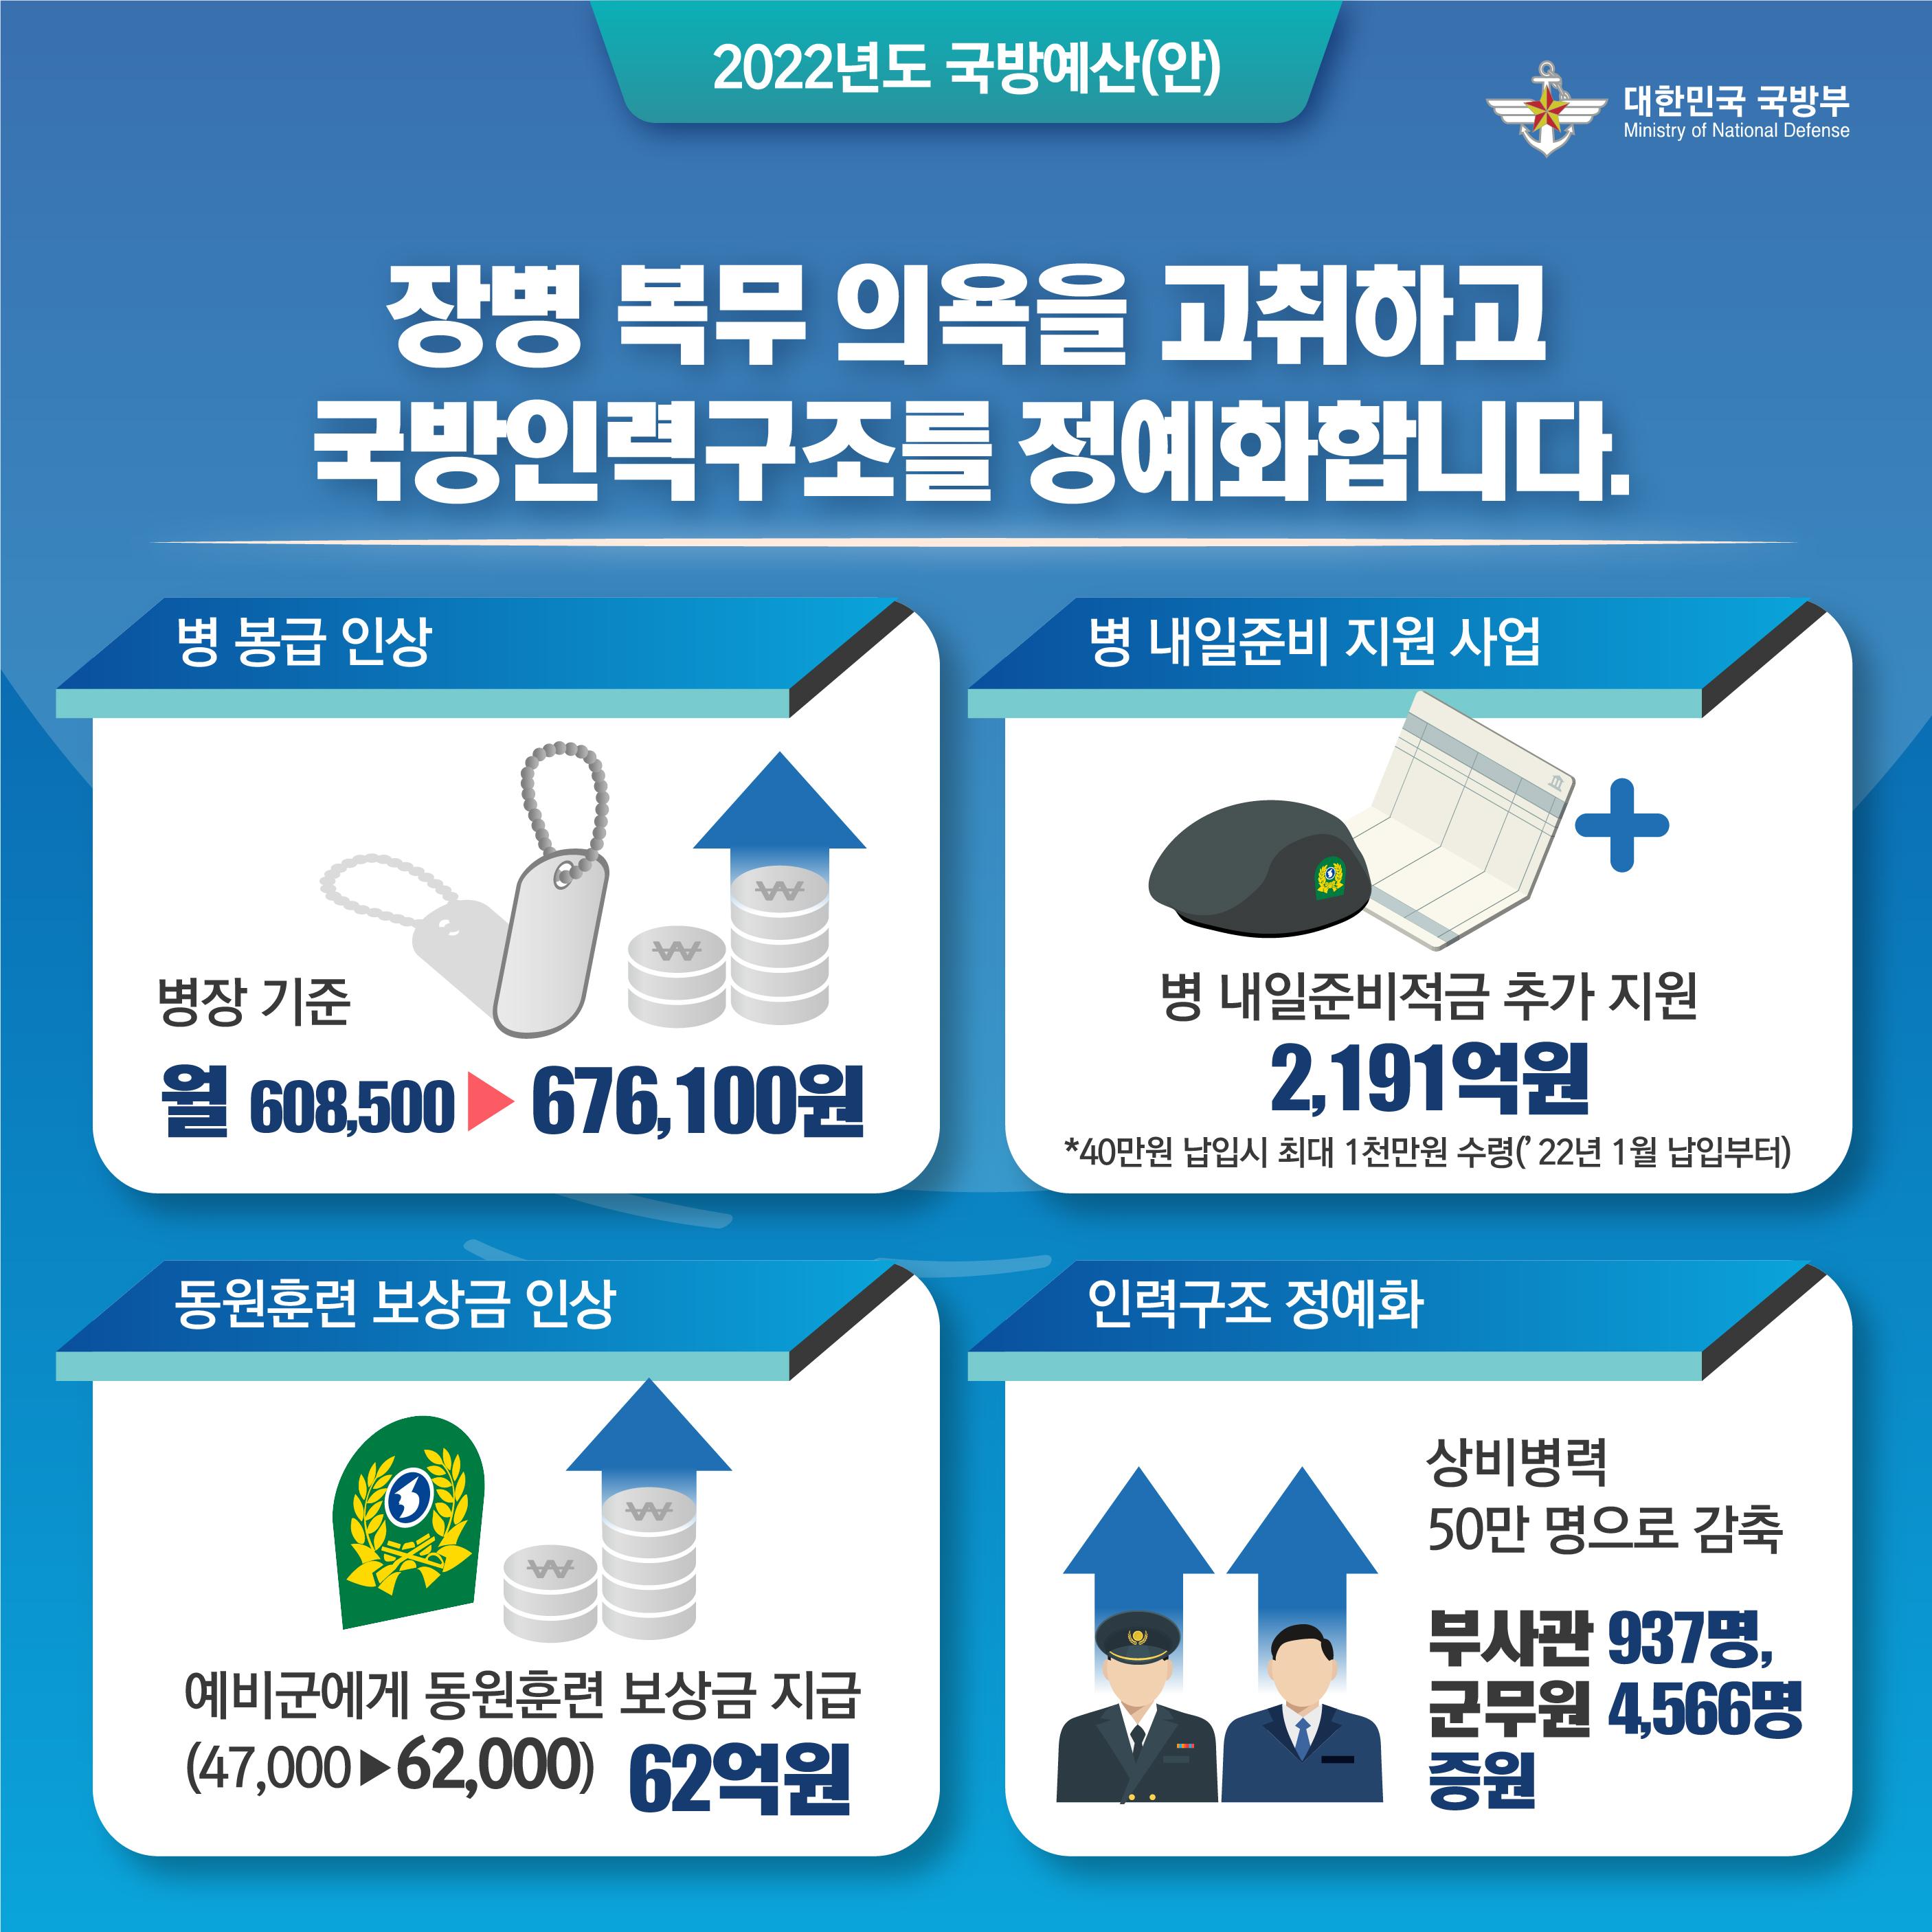 2022 국방예산 카드뉴스 8.jpg